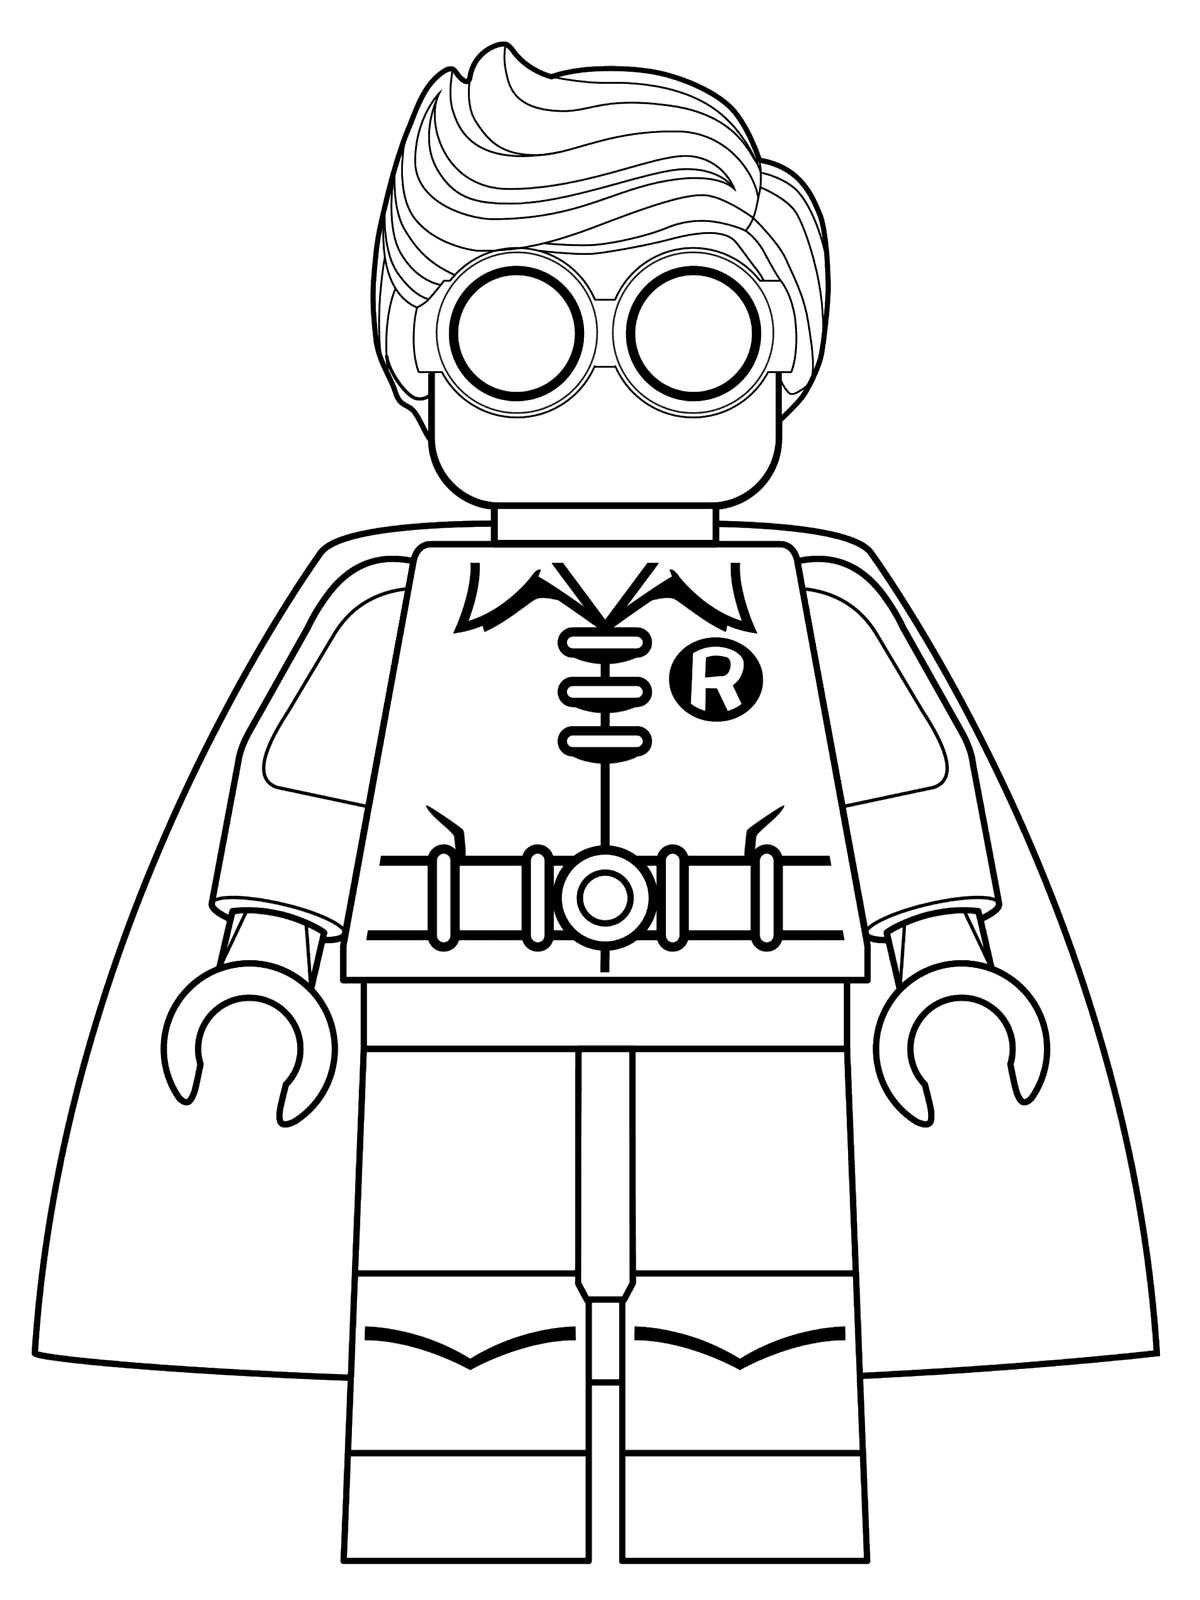 Free Printable Batman Pictures Best Batman Coloring Page New Printable Free Lego Batman Coloring